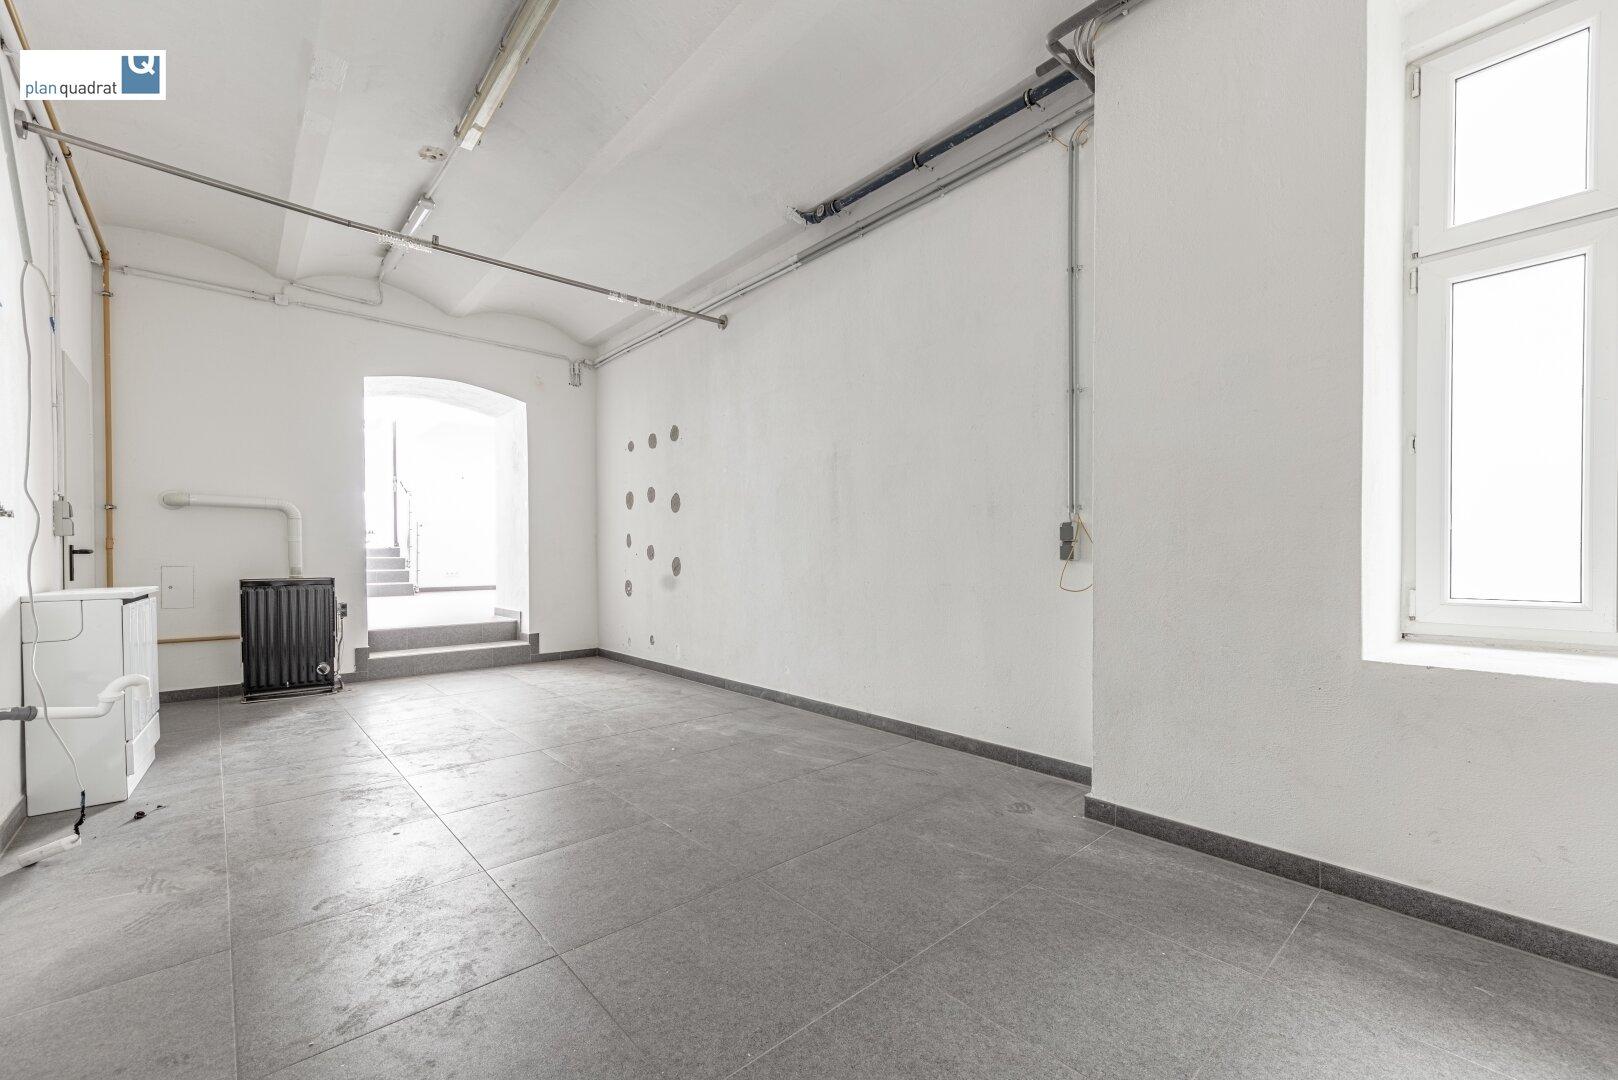 hinterer Verkaufs- / Geschäftsraum (ca. 22,98 m²)